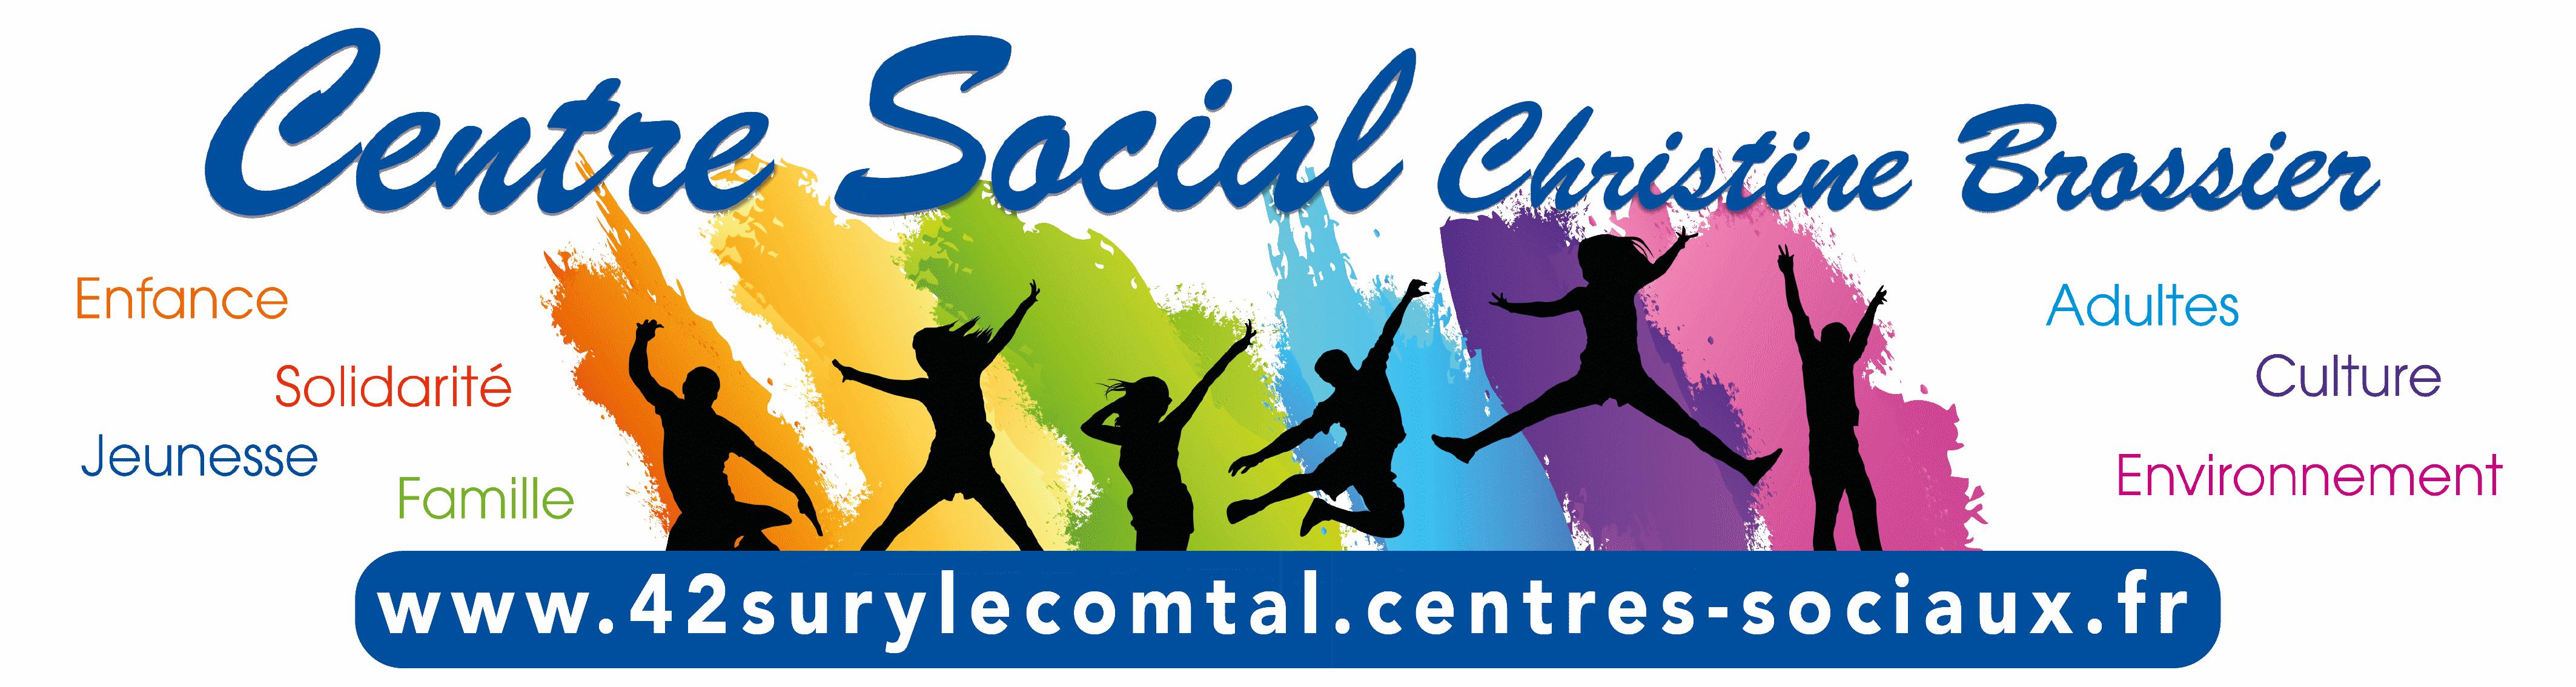 Bienvenue sur le site du Centre social Christine Brossier !